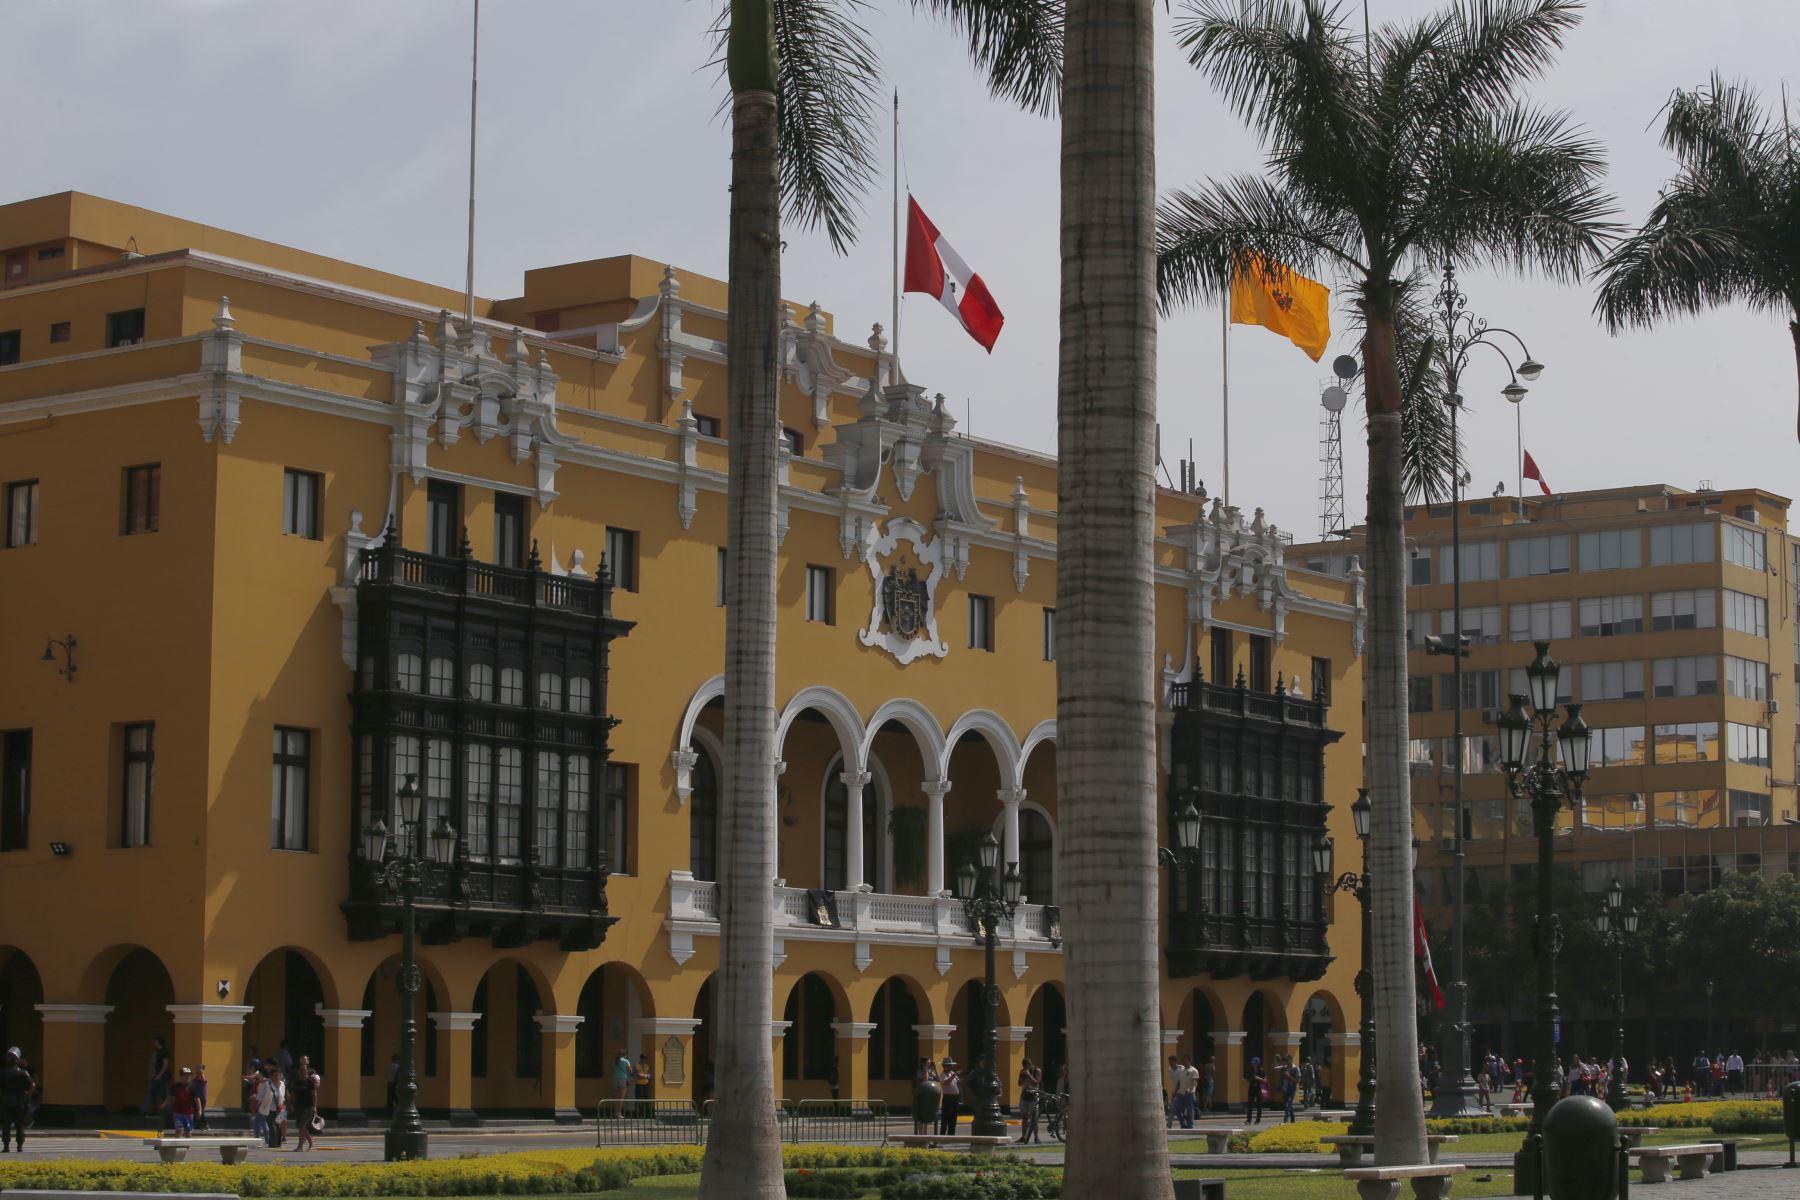 Instituciones Públicas con la Bandera de Perú a media asta con motivo del fallecimiento del ExPresidente Alan Garcia. Municipalidad de Lima. Foto: ANDINA/Nathalie Sayago